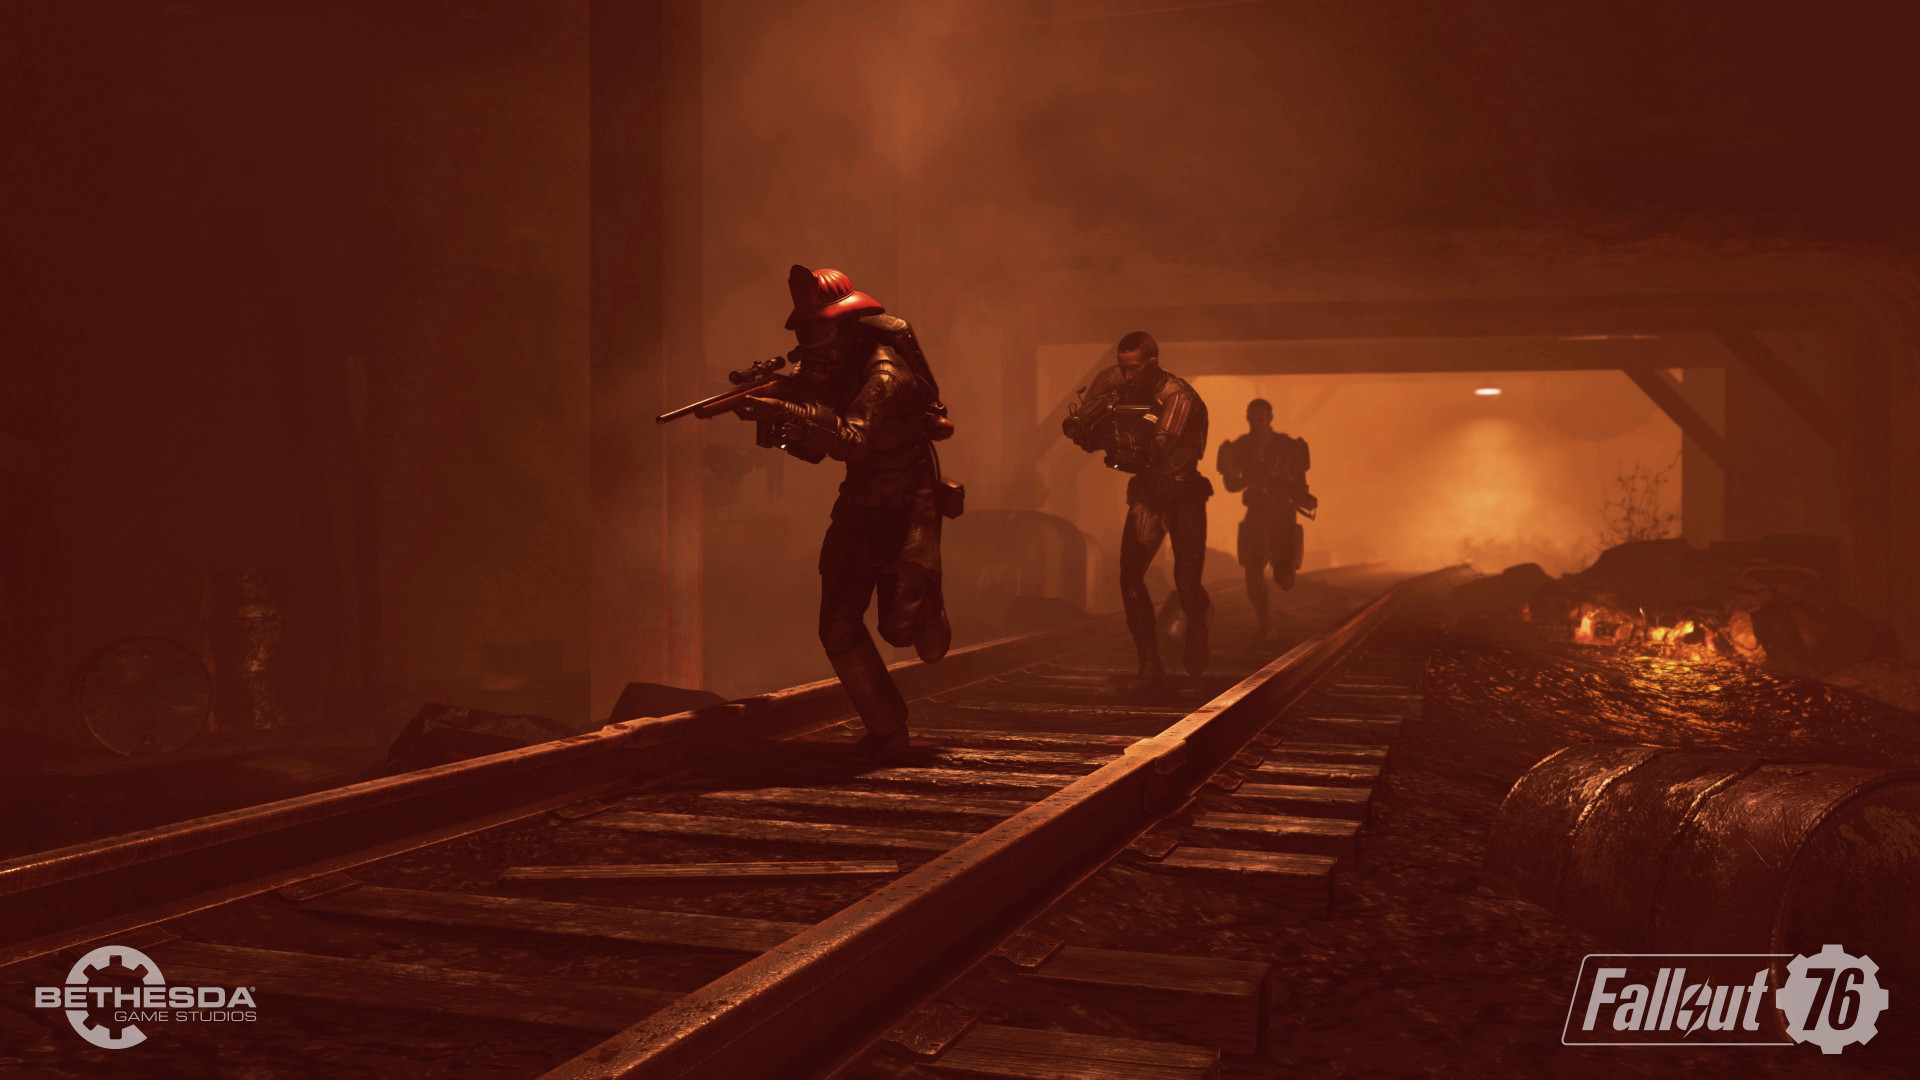 Более 3 часов геймплея Fallout 76 с закрытого пресс-показа — ядерные атаки, создание персонажа и перестрелки